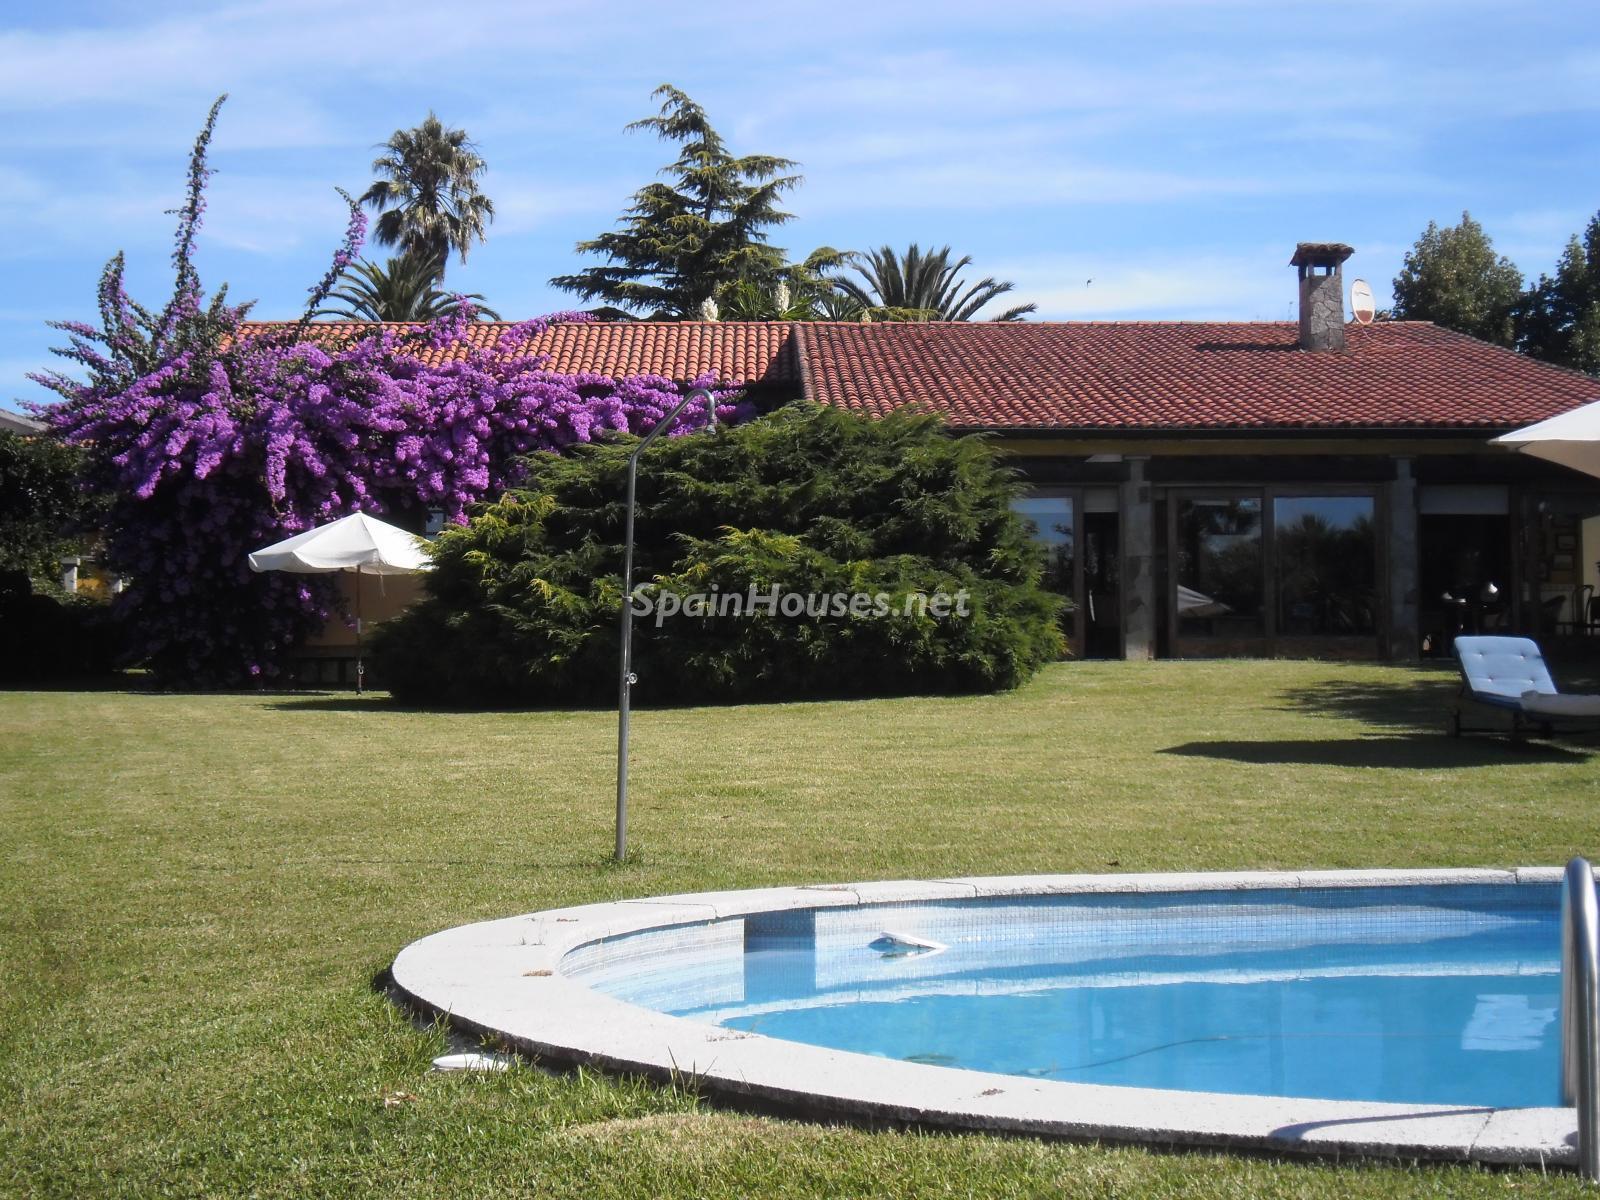 Foto 1 - Chalet independiente en venta en Oleiros, Ref: 1825929